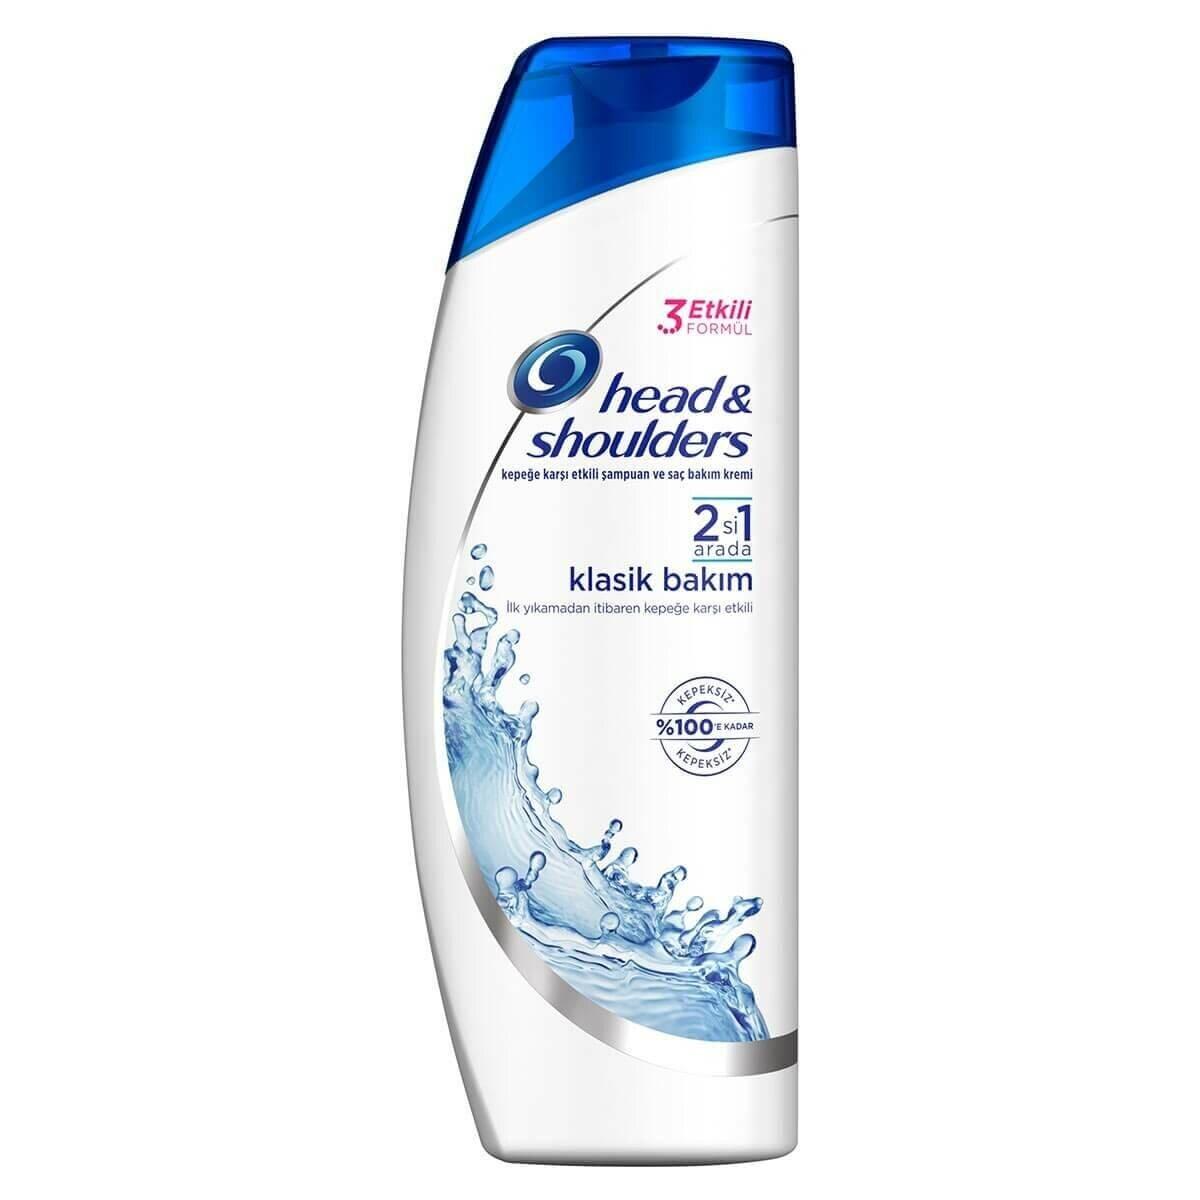 2in1 Klasik Bakım Şampuan 300 ml